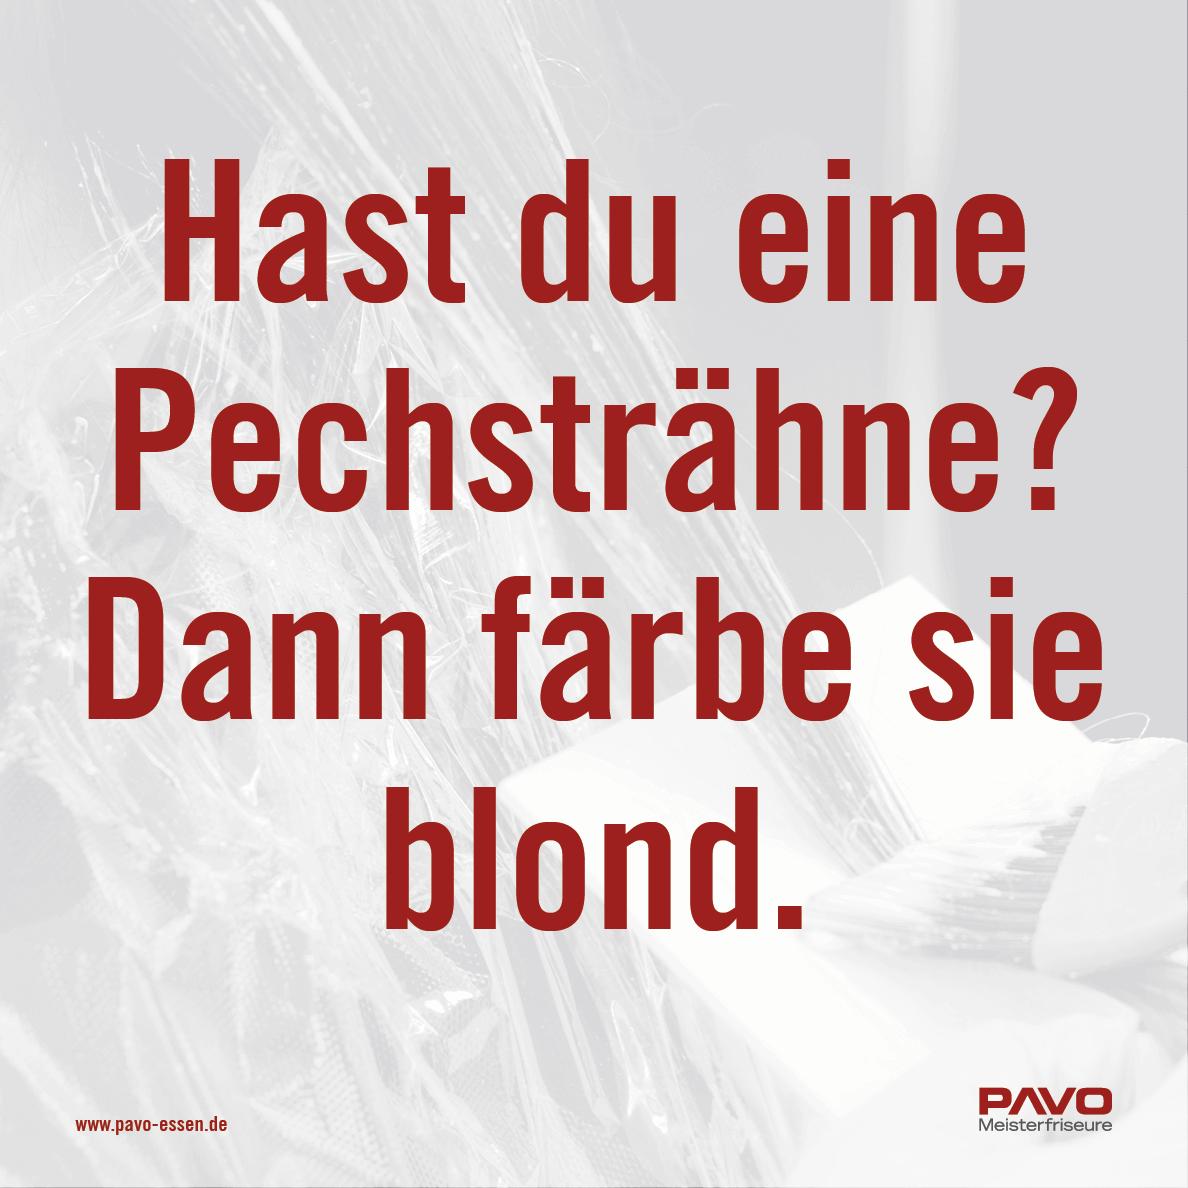 Hast du eine Pechsträhne? Dann färbe sie blond.